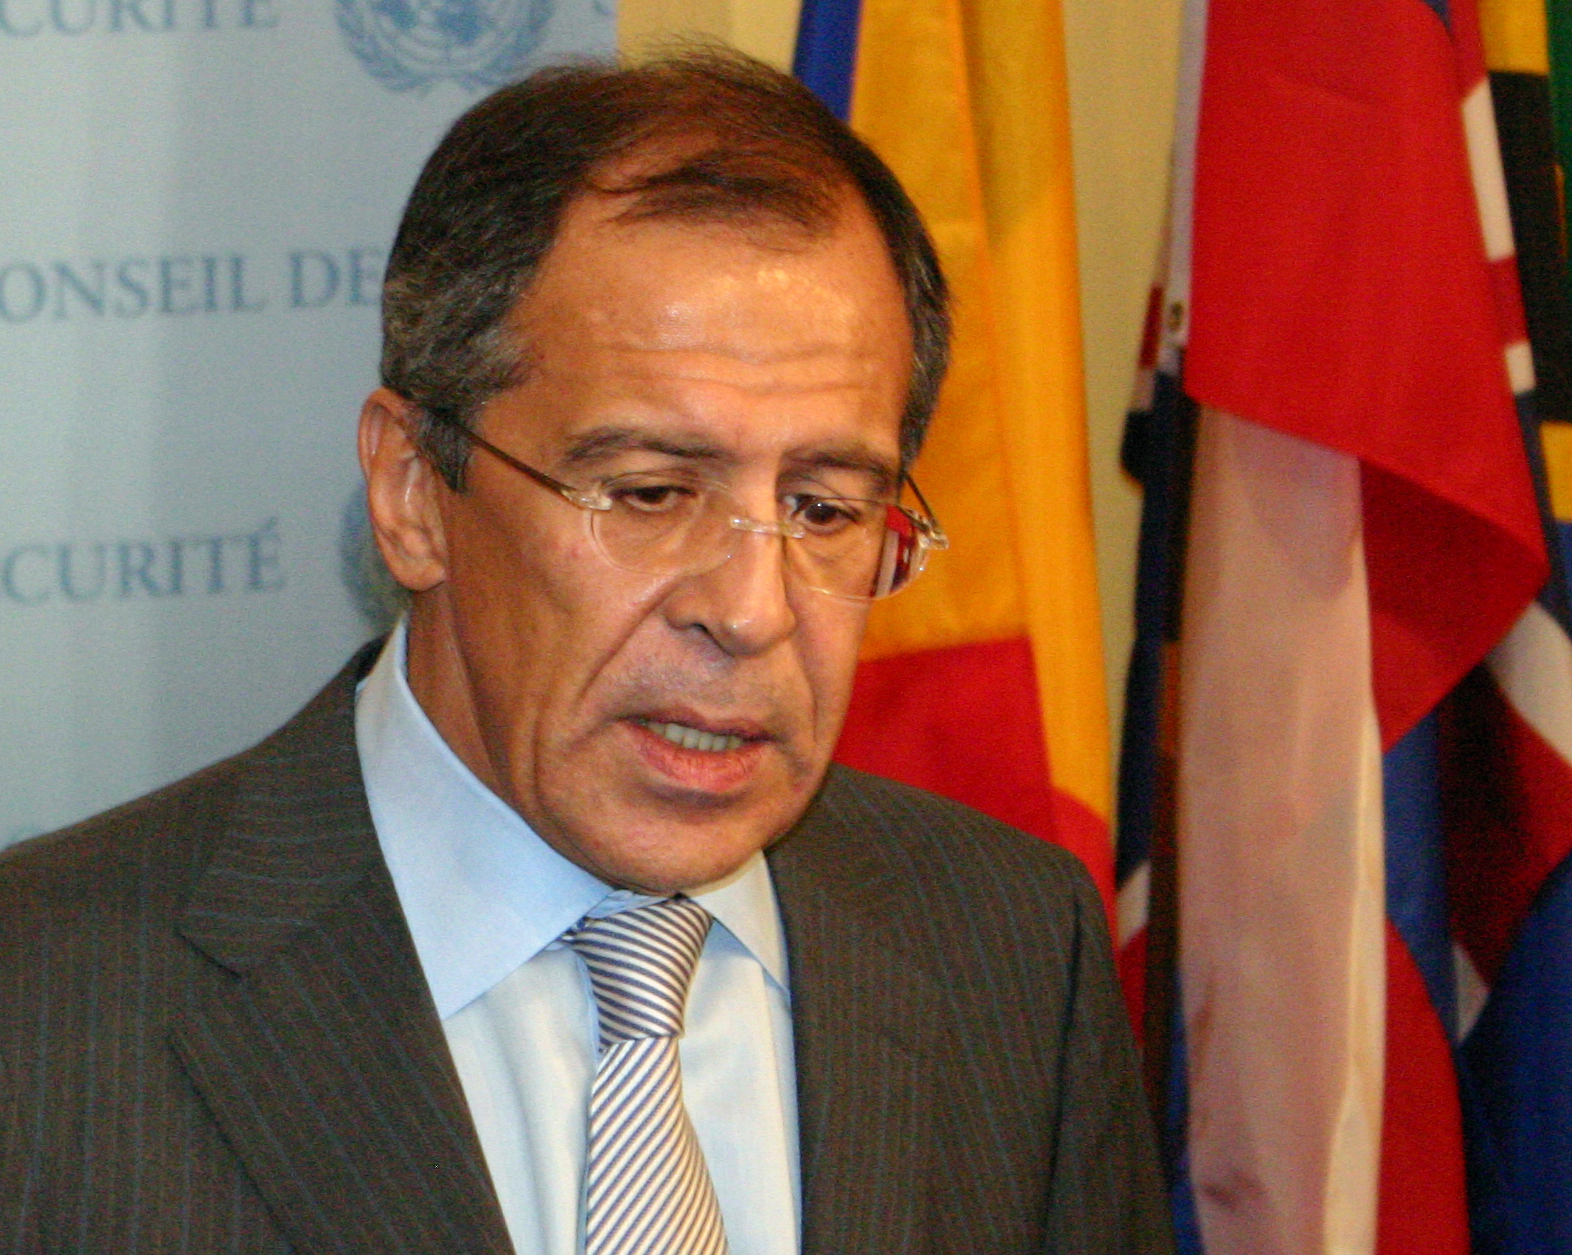 Ministrul rus de Externe: SUA sunt responsabile pentru comportamentul regimului ucrainean şi indulgenţa faţă de neonazişti